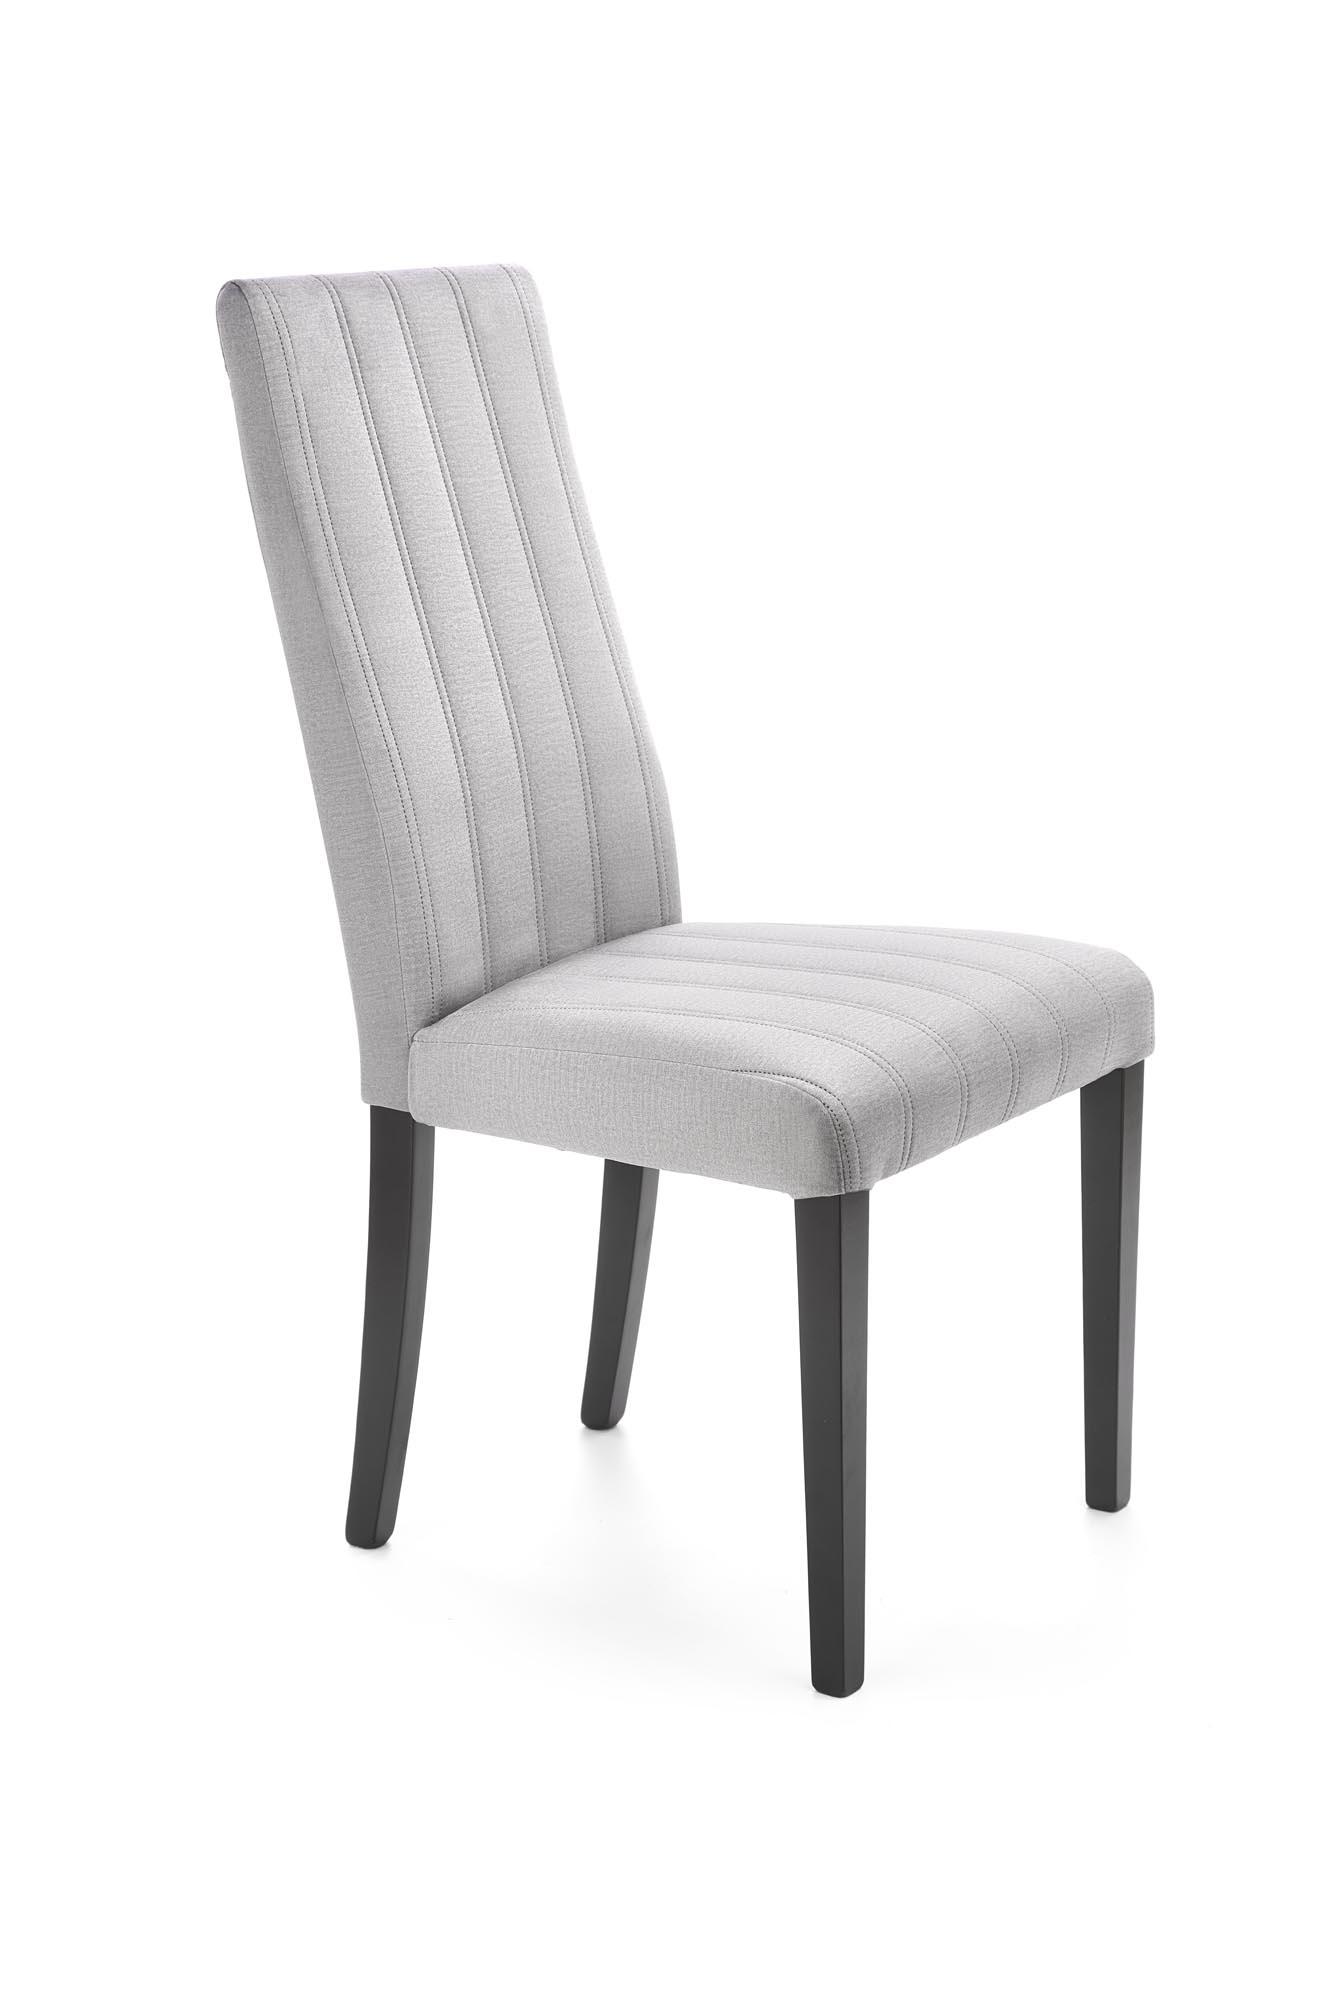 DIEGO 2 krzesło czarny / tap. velvet pikowany Pasy - MONOLITH 85 (jasny popiel) (1p=1szt)